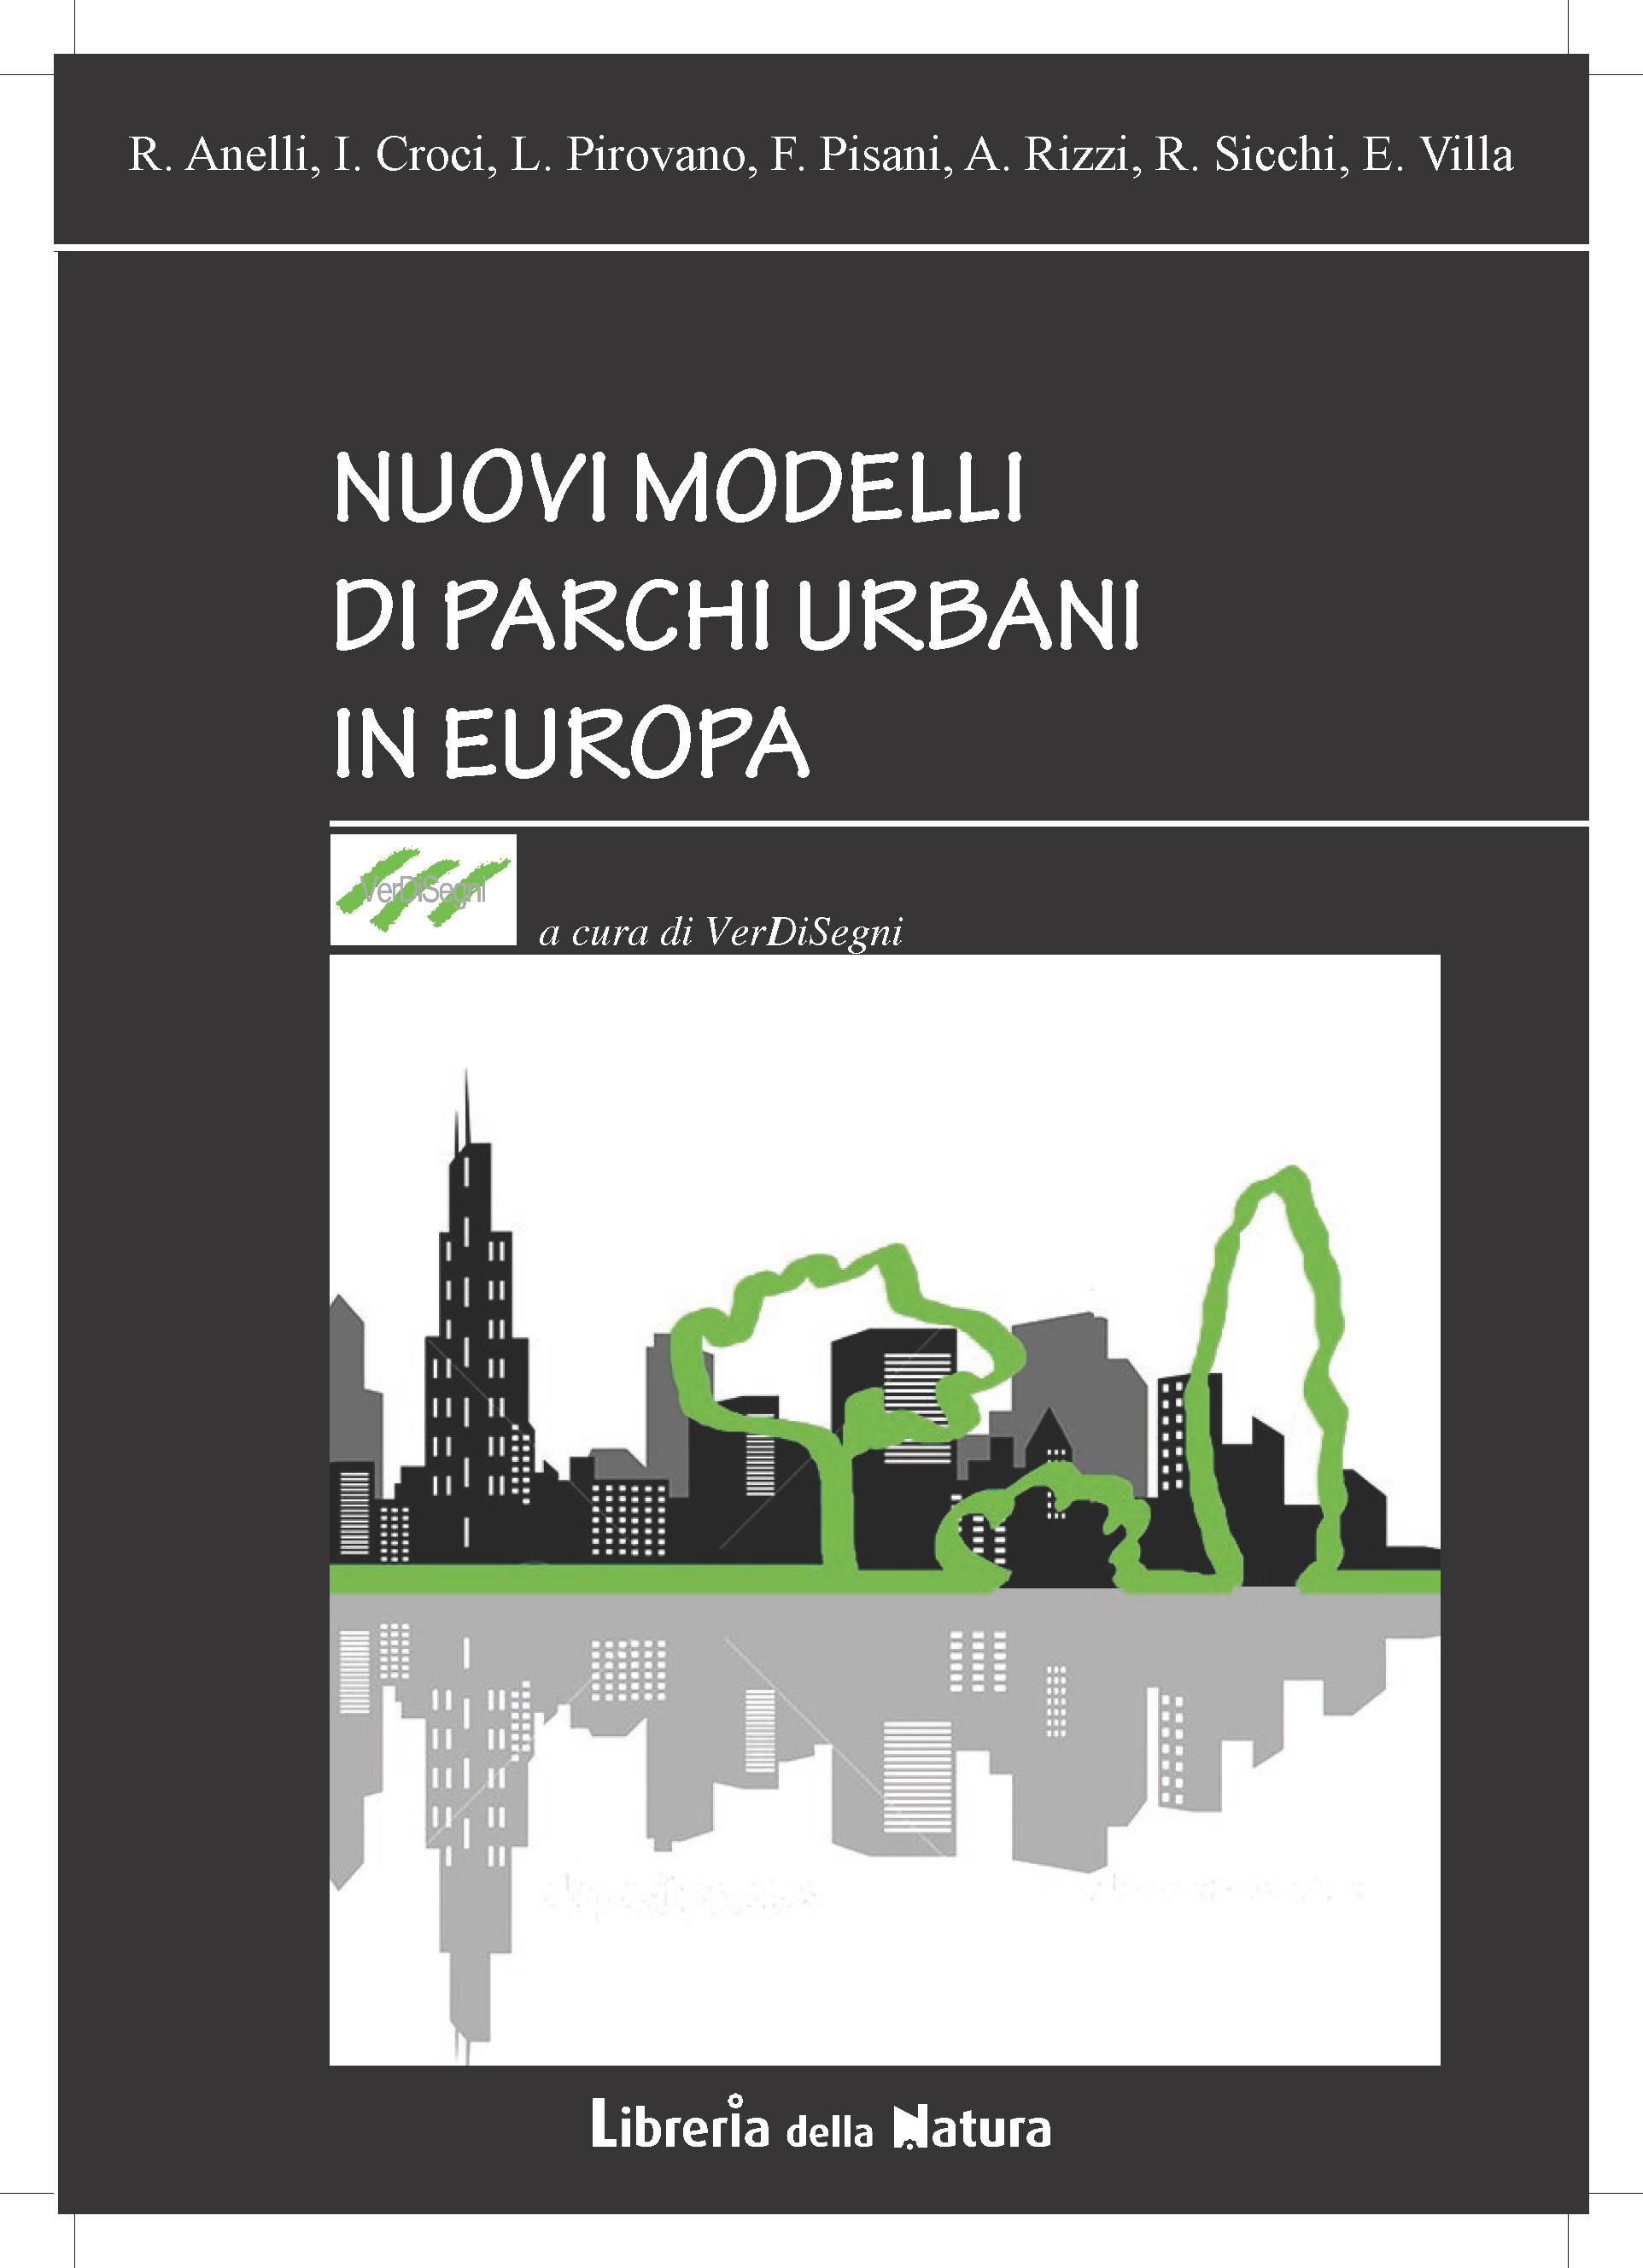 NUOVI MODELLI DI PARCHI URBANI IN EUROPA versione PDF